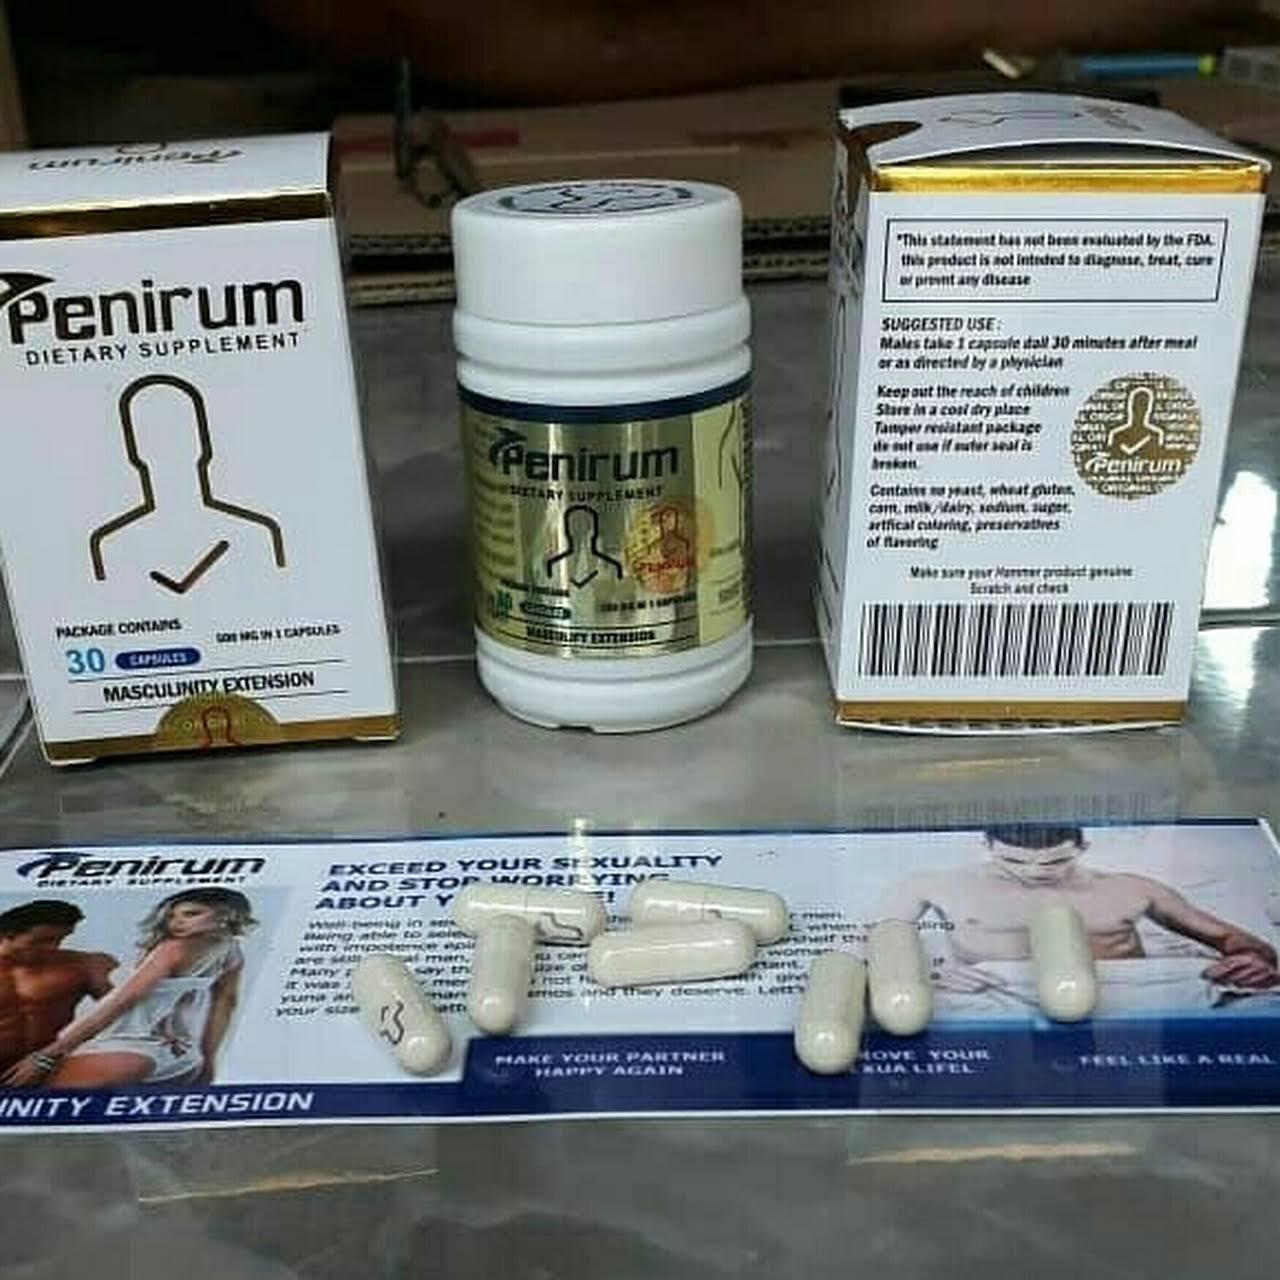 Hammer Of Thor Asli Penirum Titan Gel Vimax Viagra Cialis Original Obat Kuat Tahan Lama Lemah Syahwat 1 Boks Diposting Pada 14 Nov 18